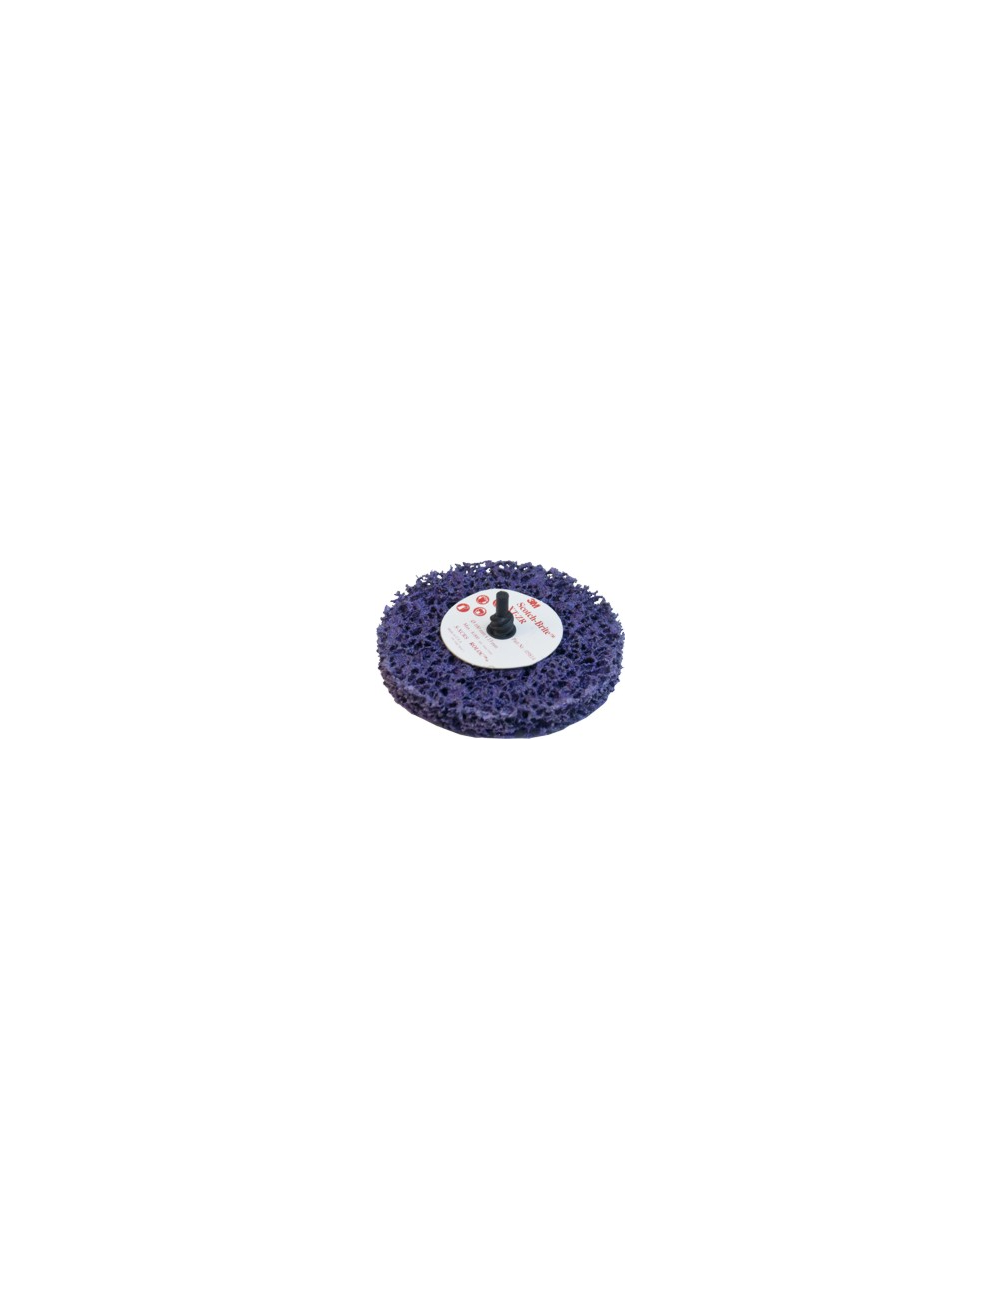 ROUE DECAPAGE 3M Purpule XT-ZR sur axe roloc+ 100x13mm